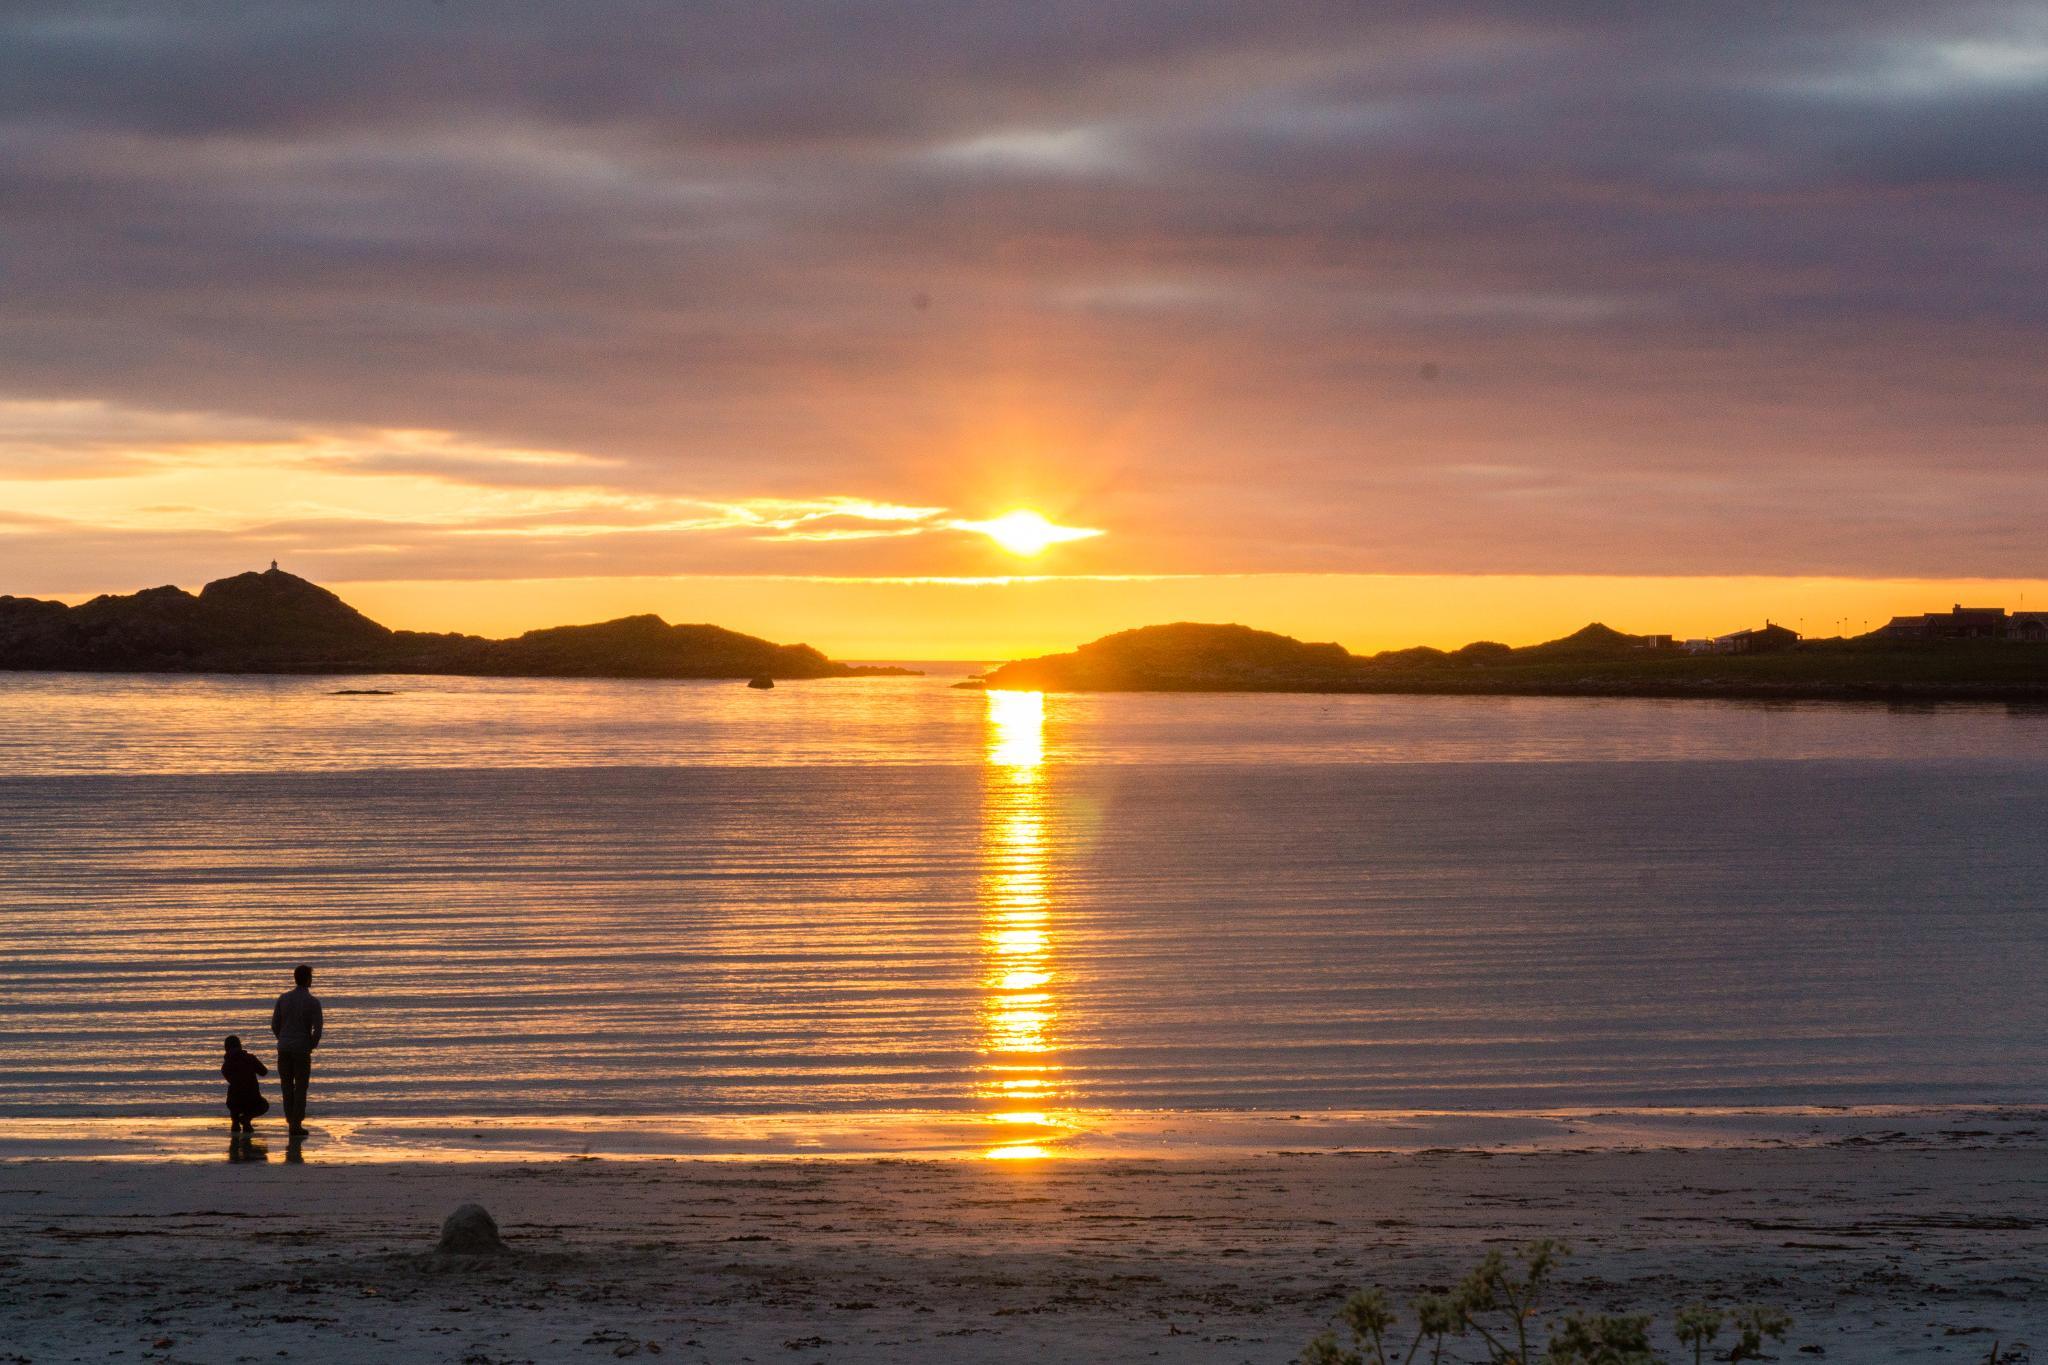 挪威瑞典露營 31